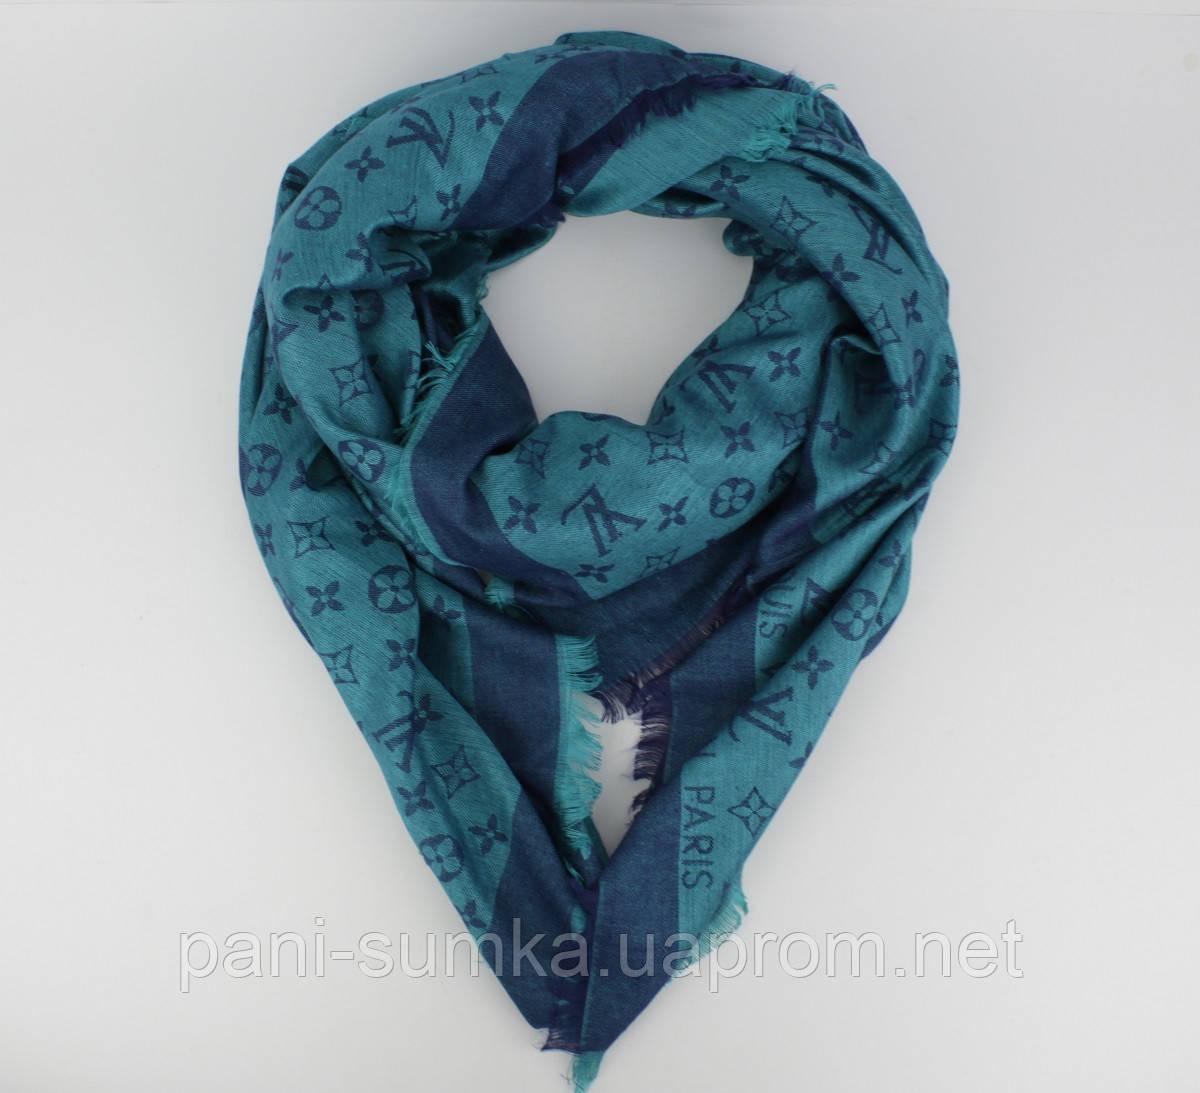 62a955664b23 Большой кашемировый платок Louis Vuitton 7988-27 сине-голубой двусторонний,  расцветки, фото